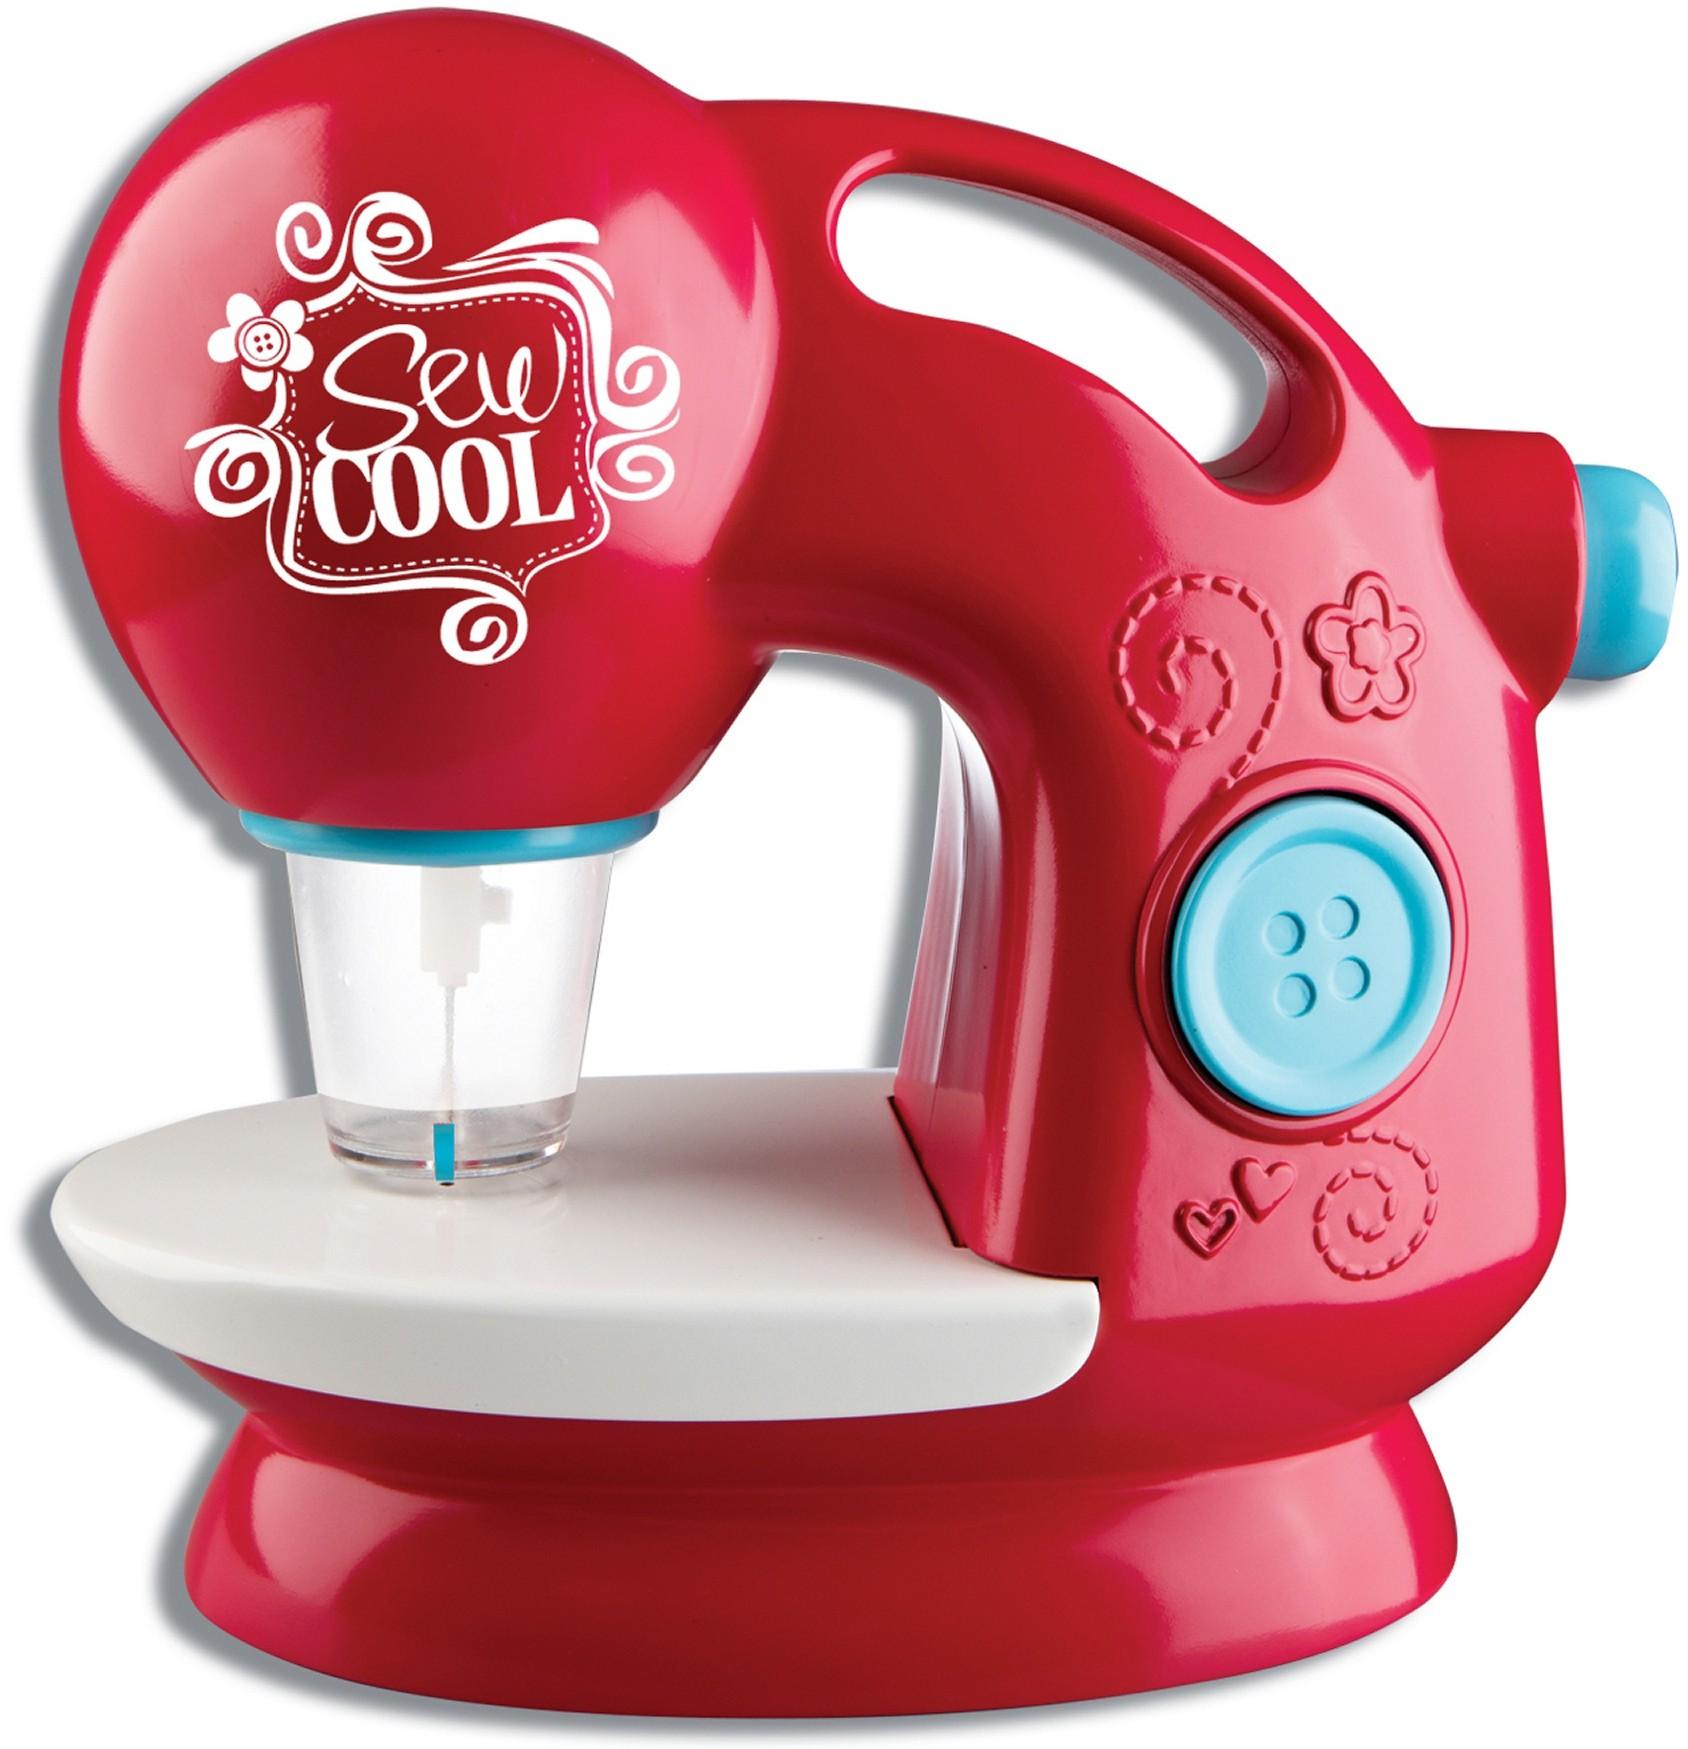 Купить Швейная машинка, 1шт., Sew Cool 56000, Китай, red, Женский